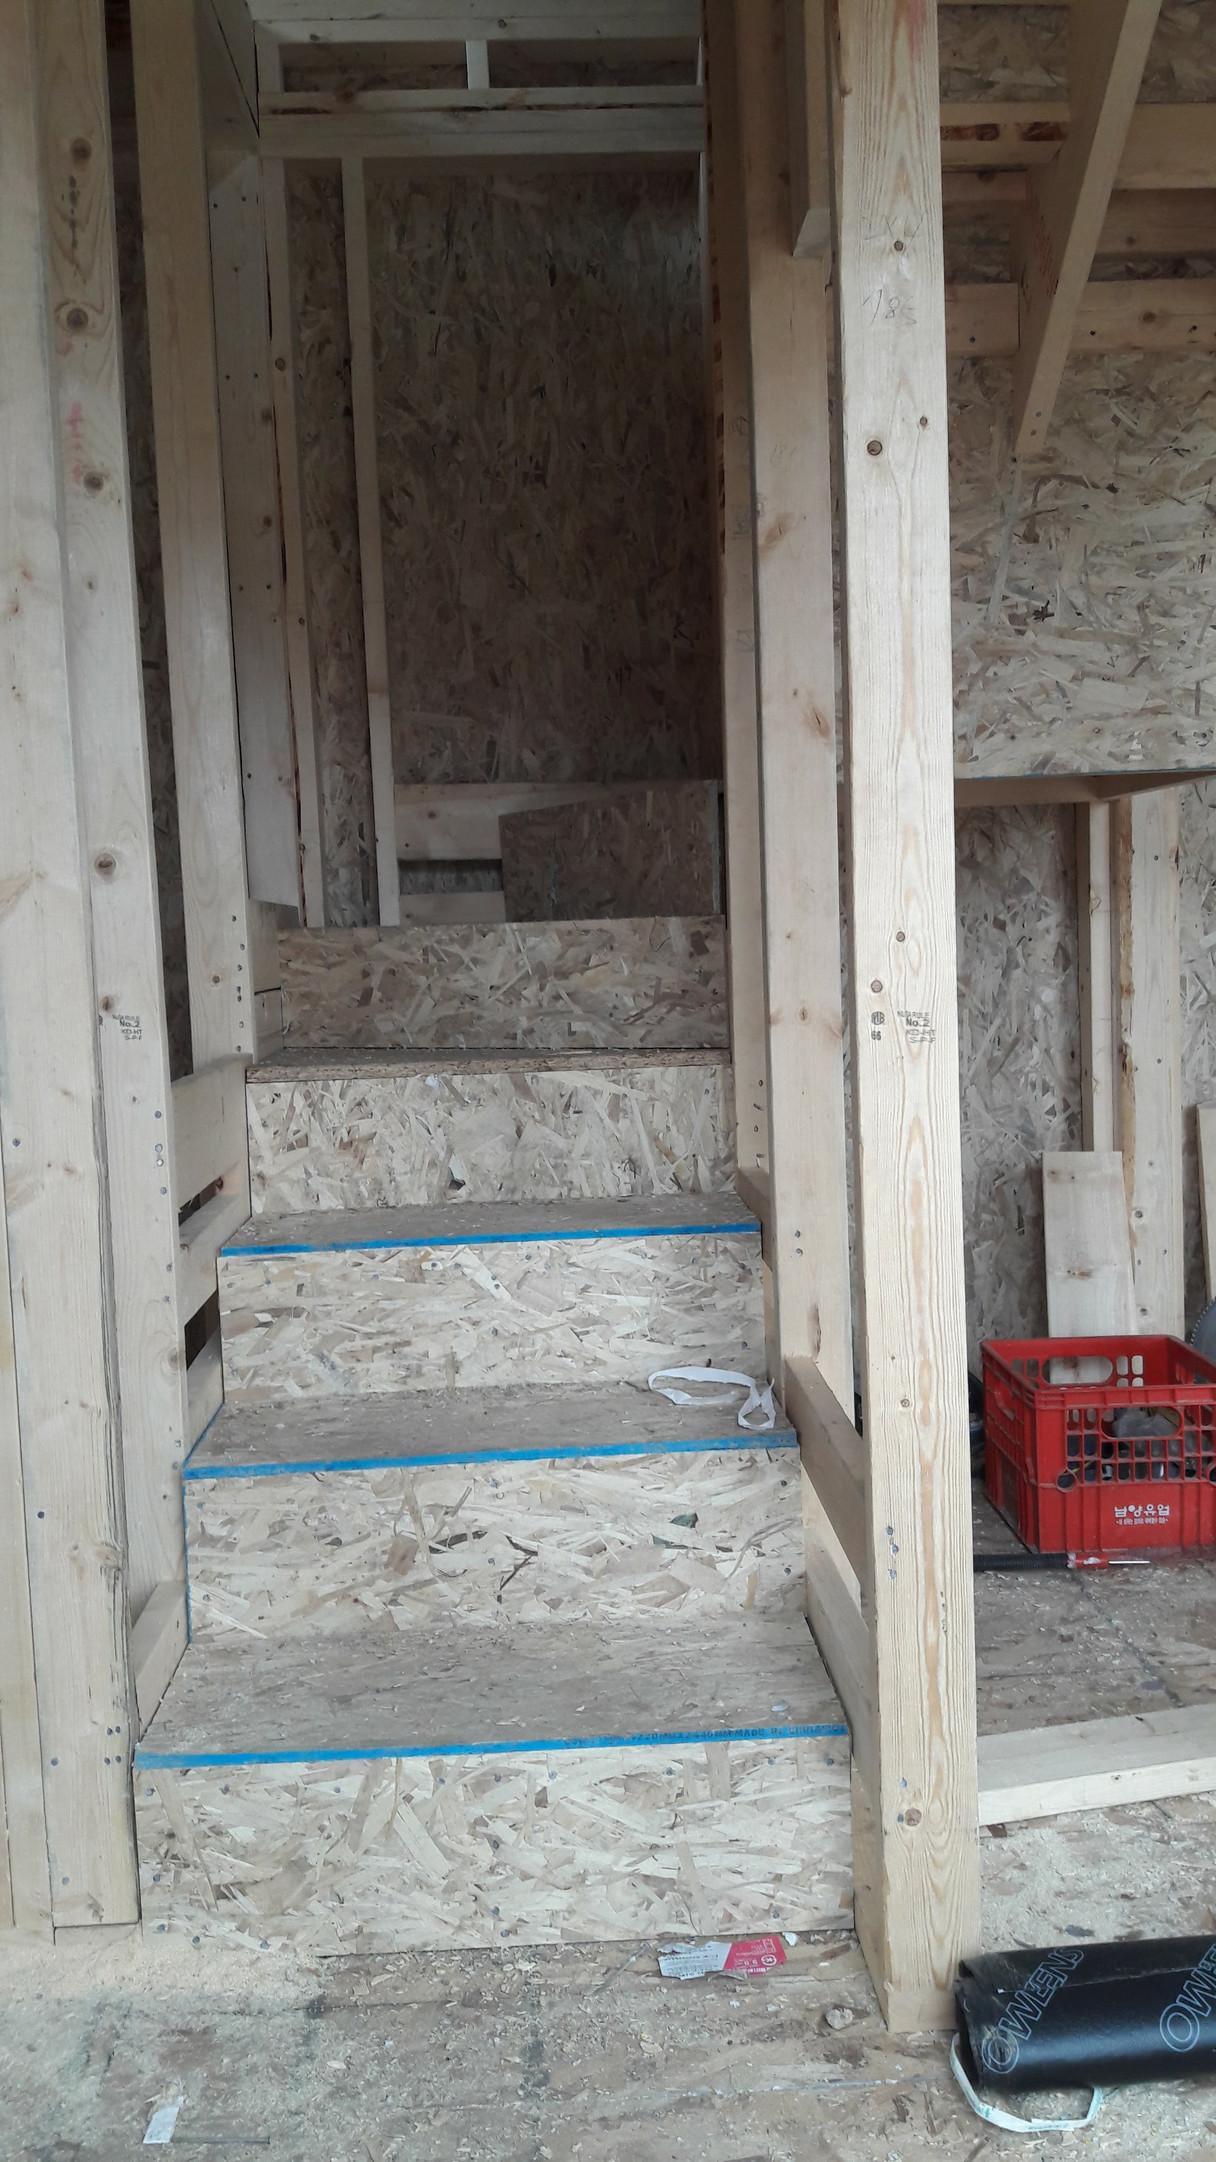 2층으로 올라가는 계단